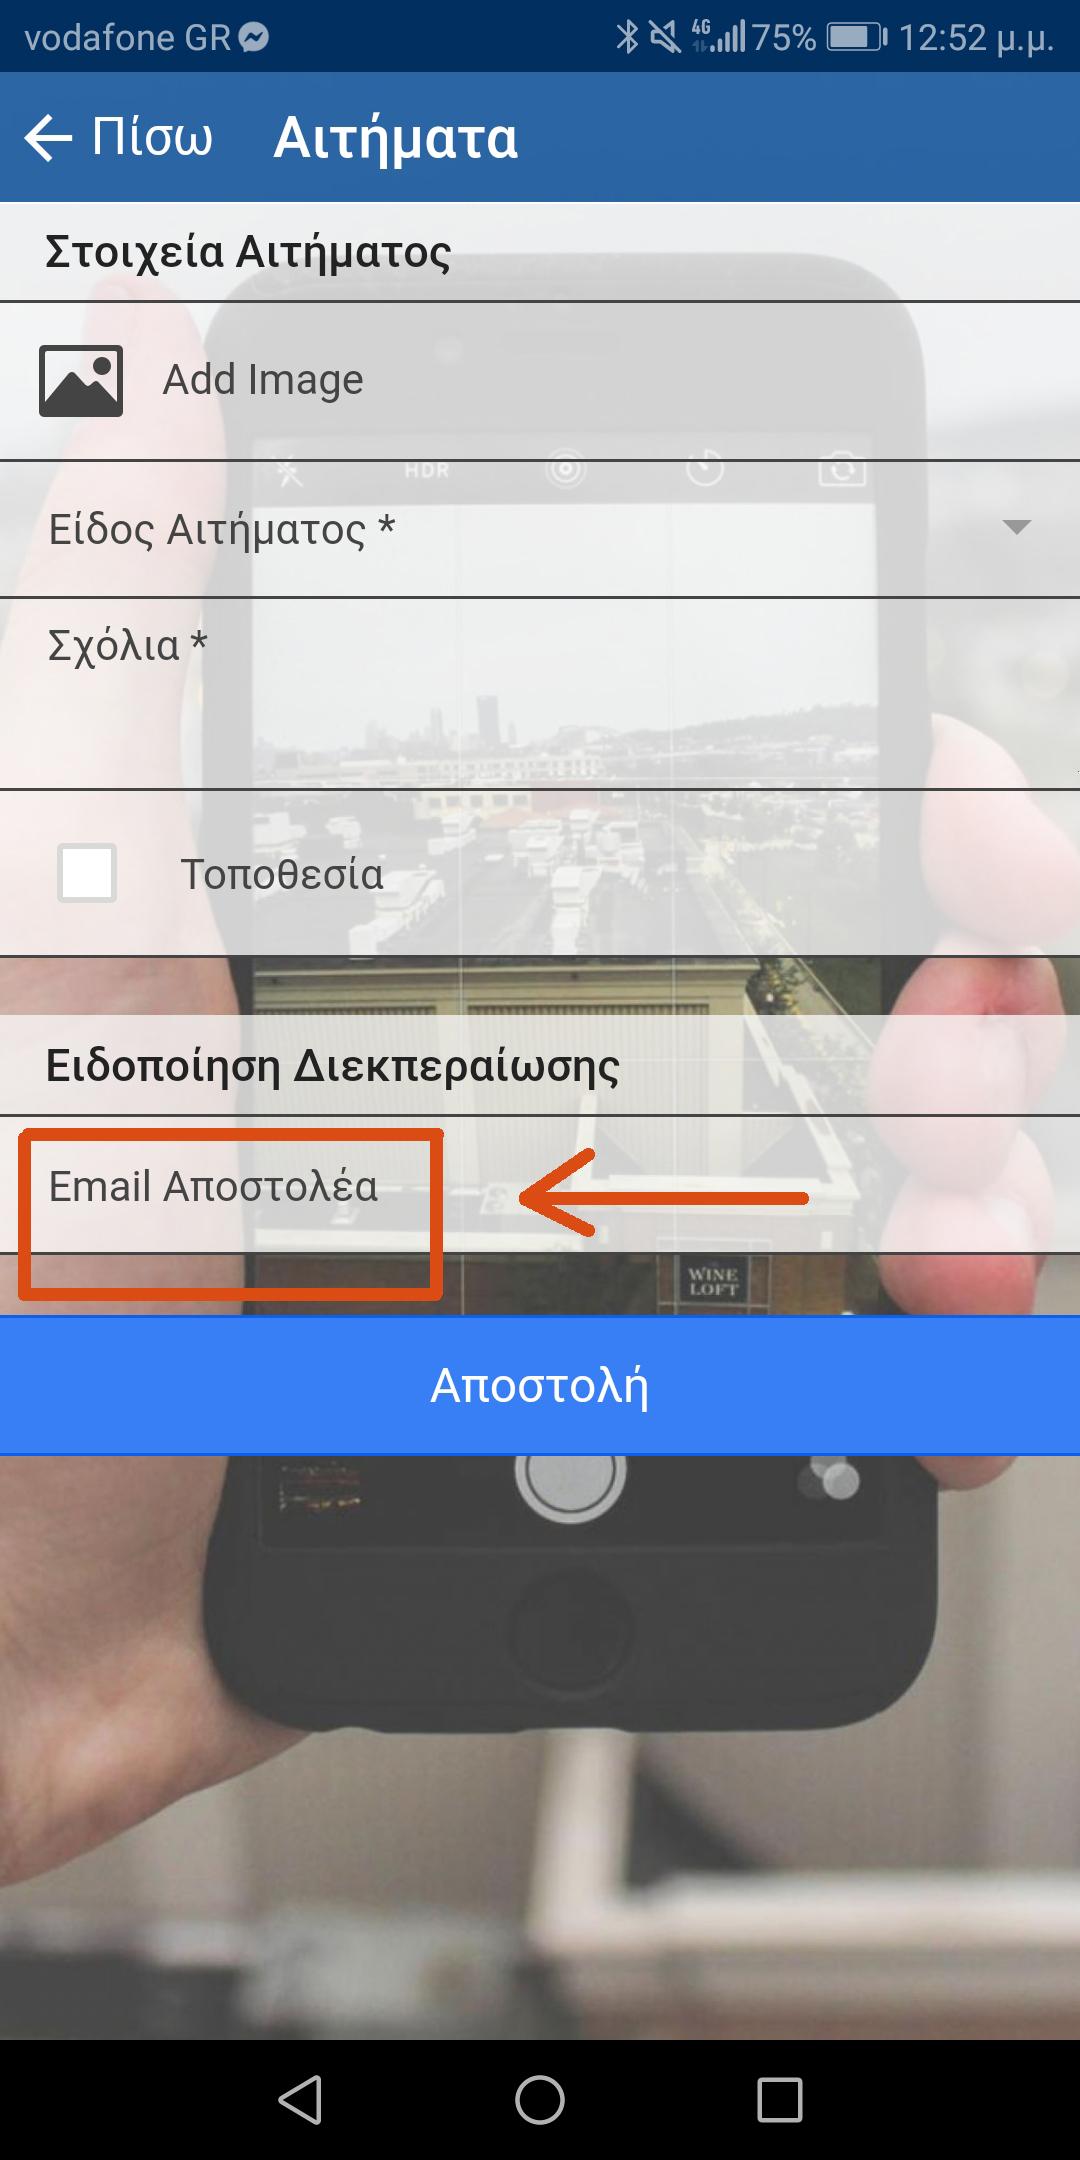 τριφύλλι ραντεβού app κριτικές 2016